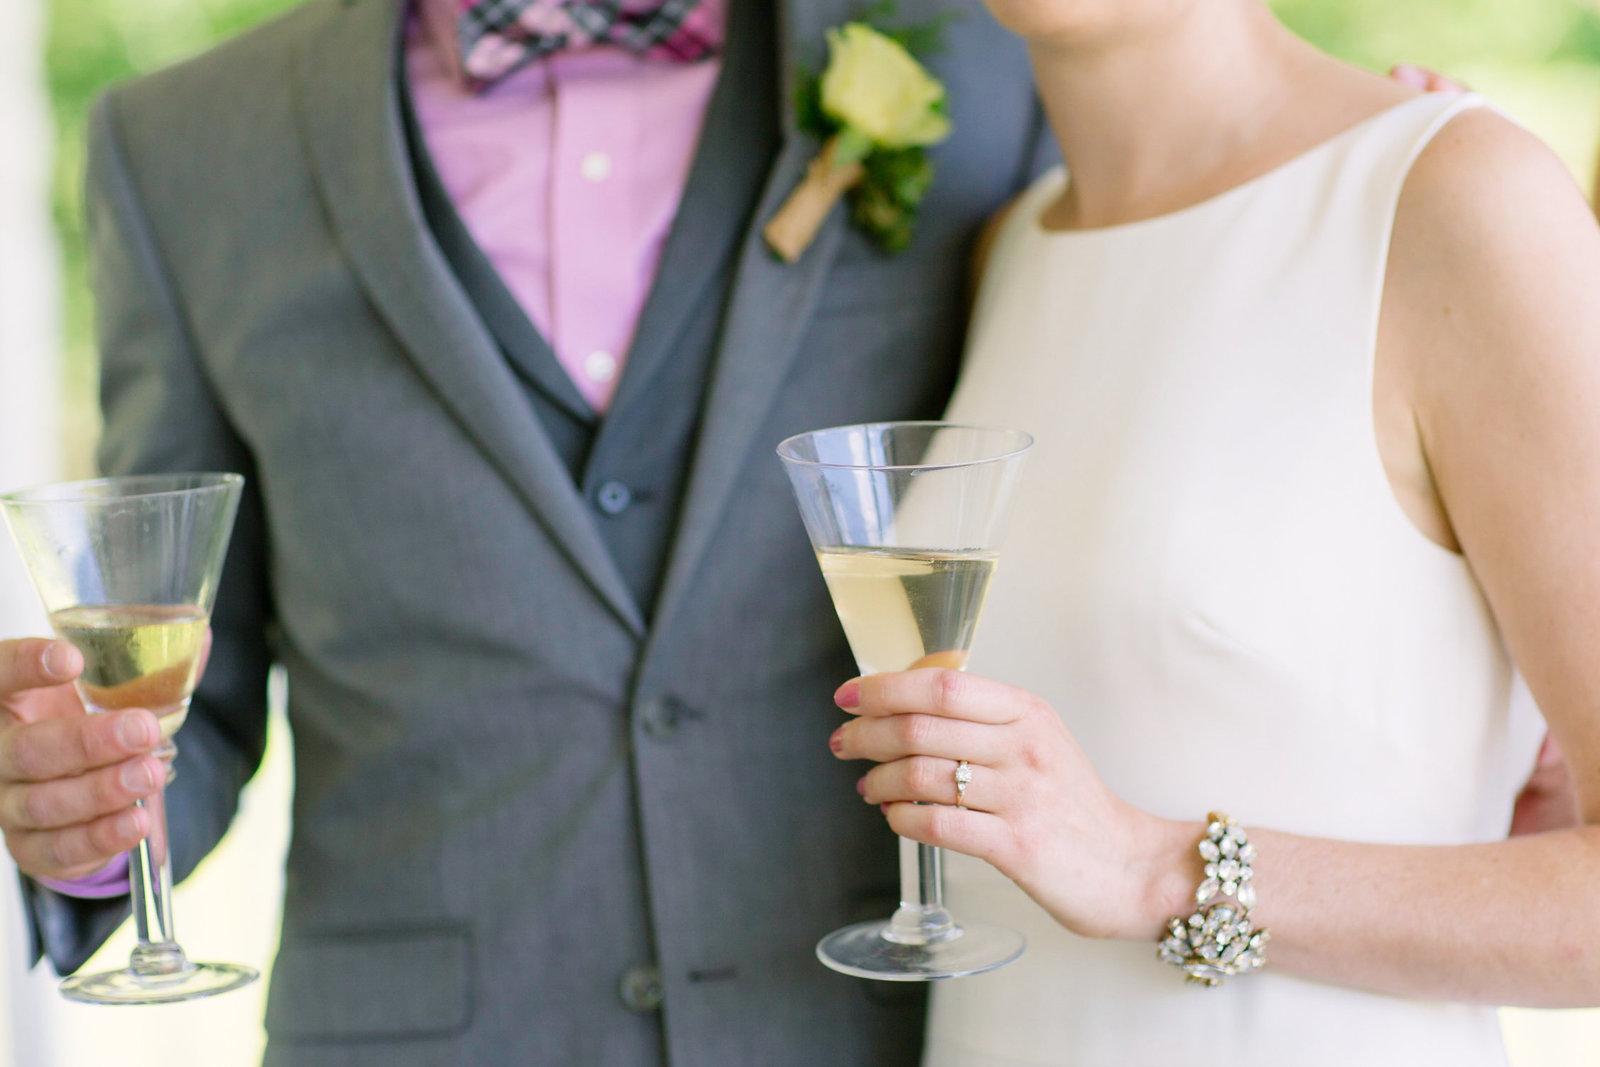 Detail Drinks at wedding